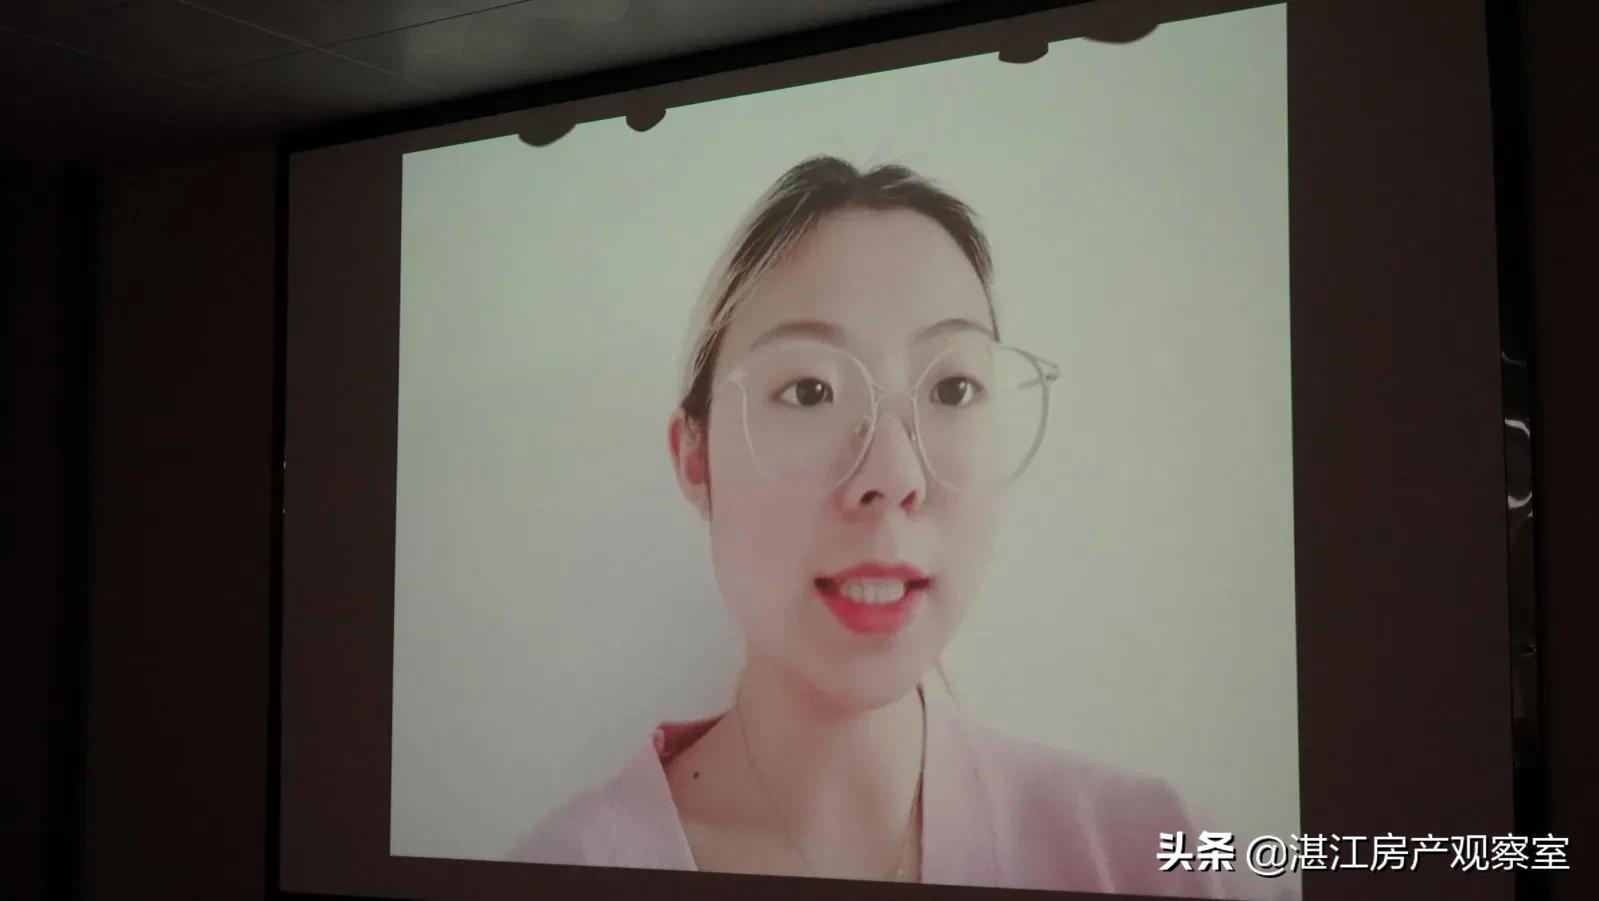 你bye我dou | 银地·上悦城视频大赛颁奖仪式圆满结束!